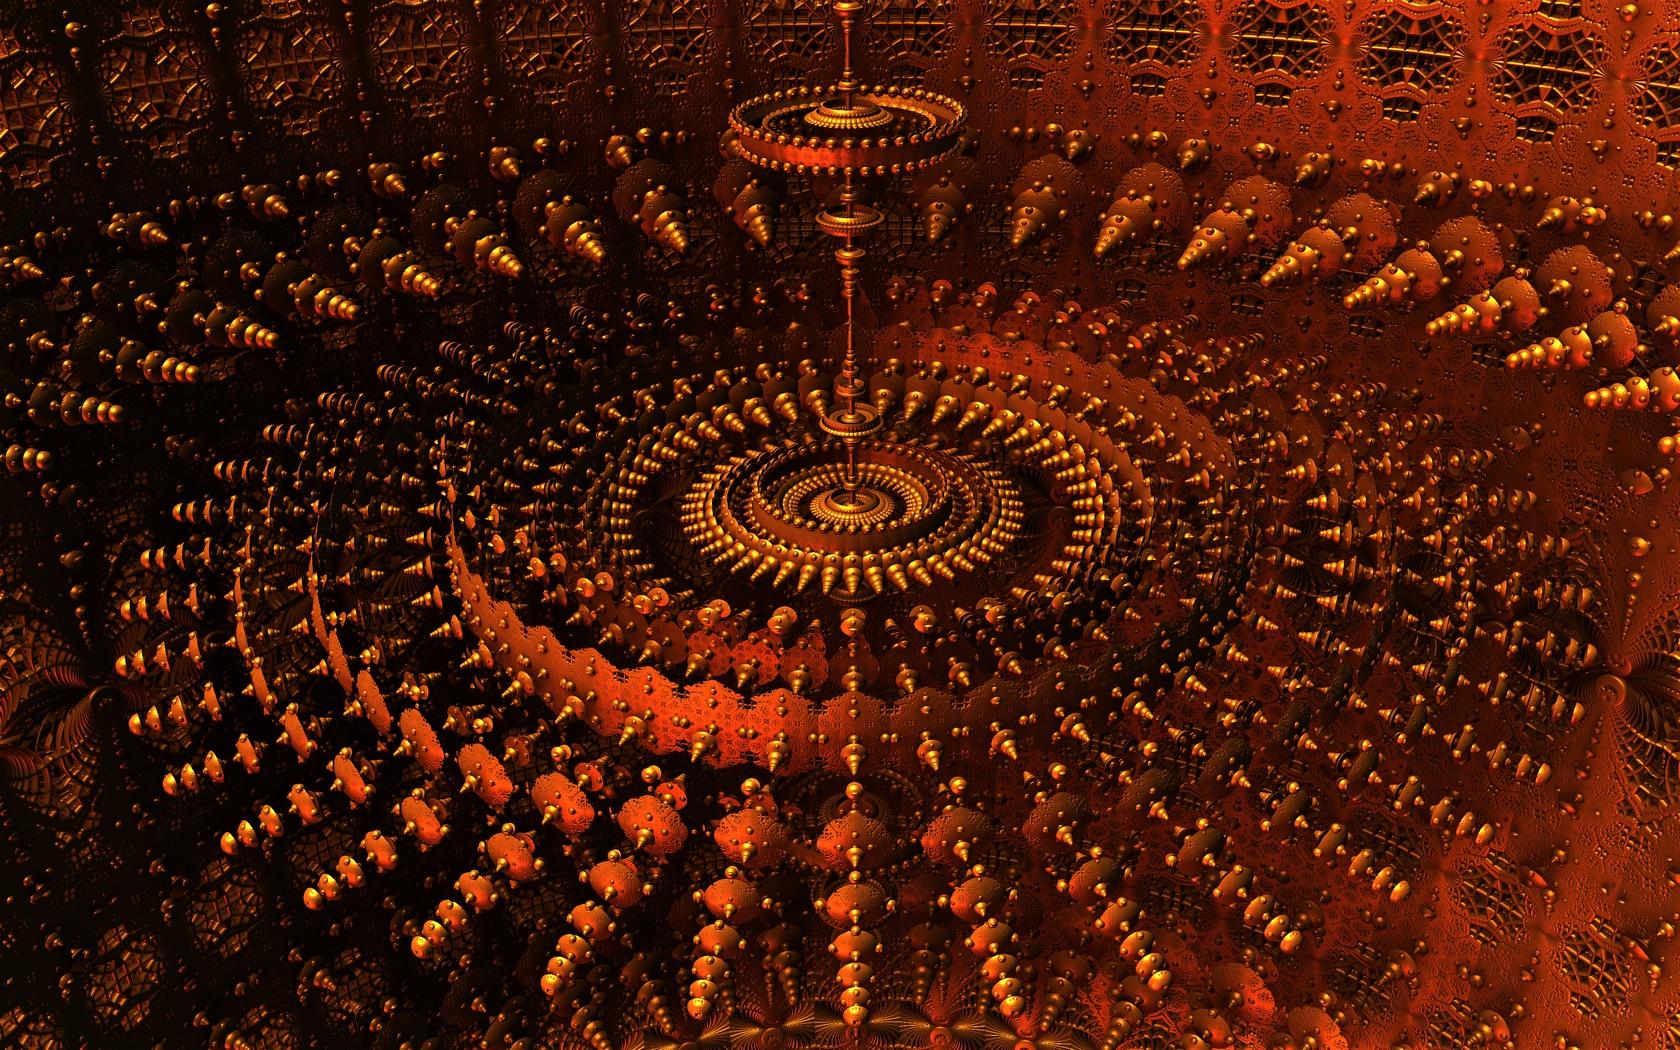 Tweak Subtlec - Spun - time machine by Topas2012